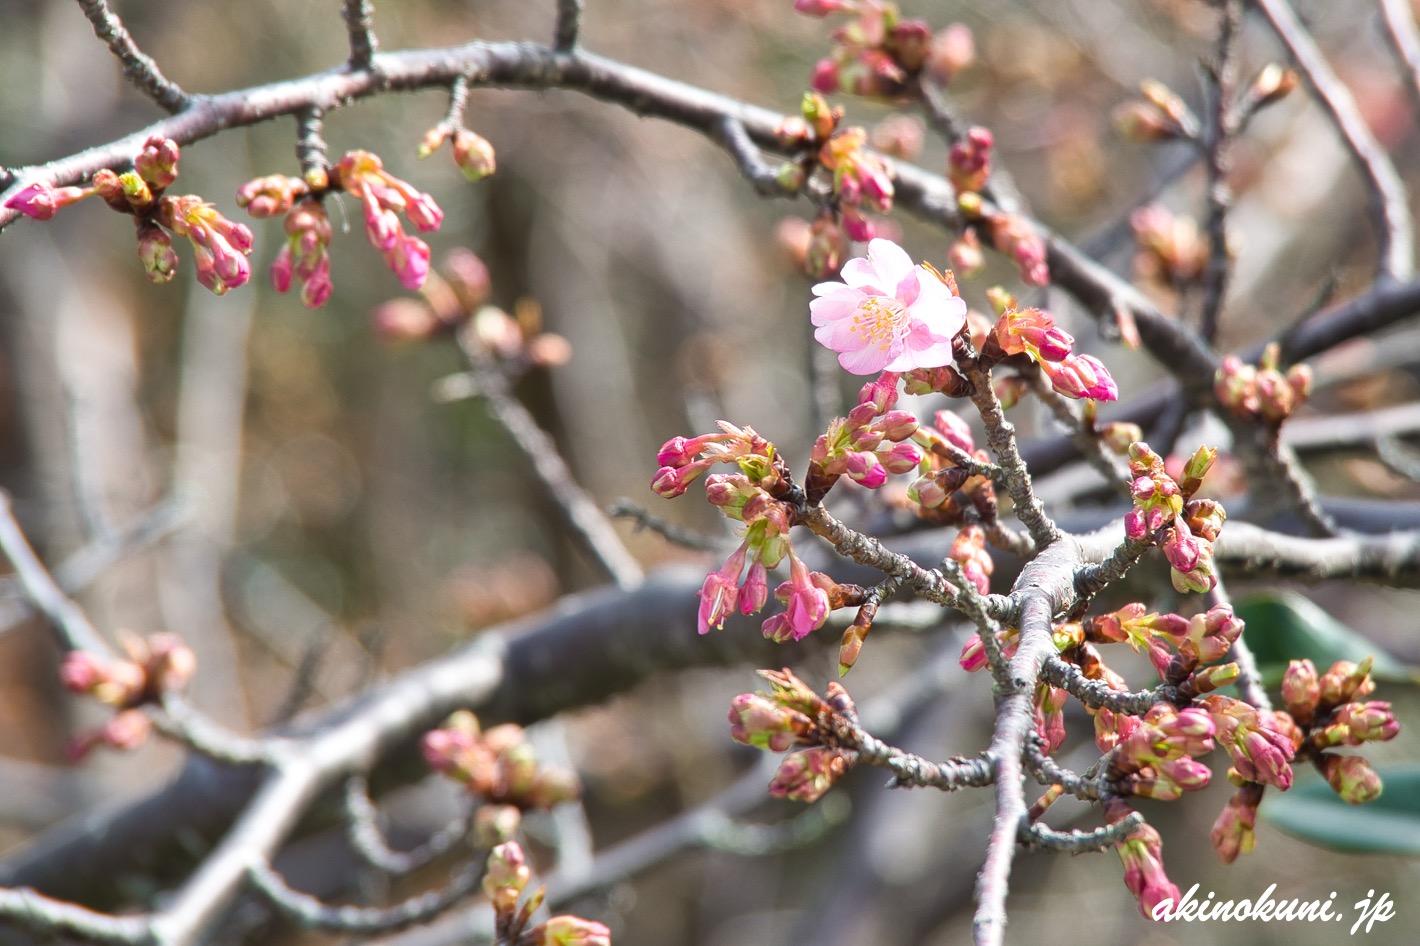 ハート島を観る場所の河津桜 1